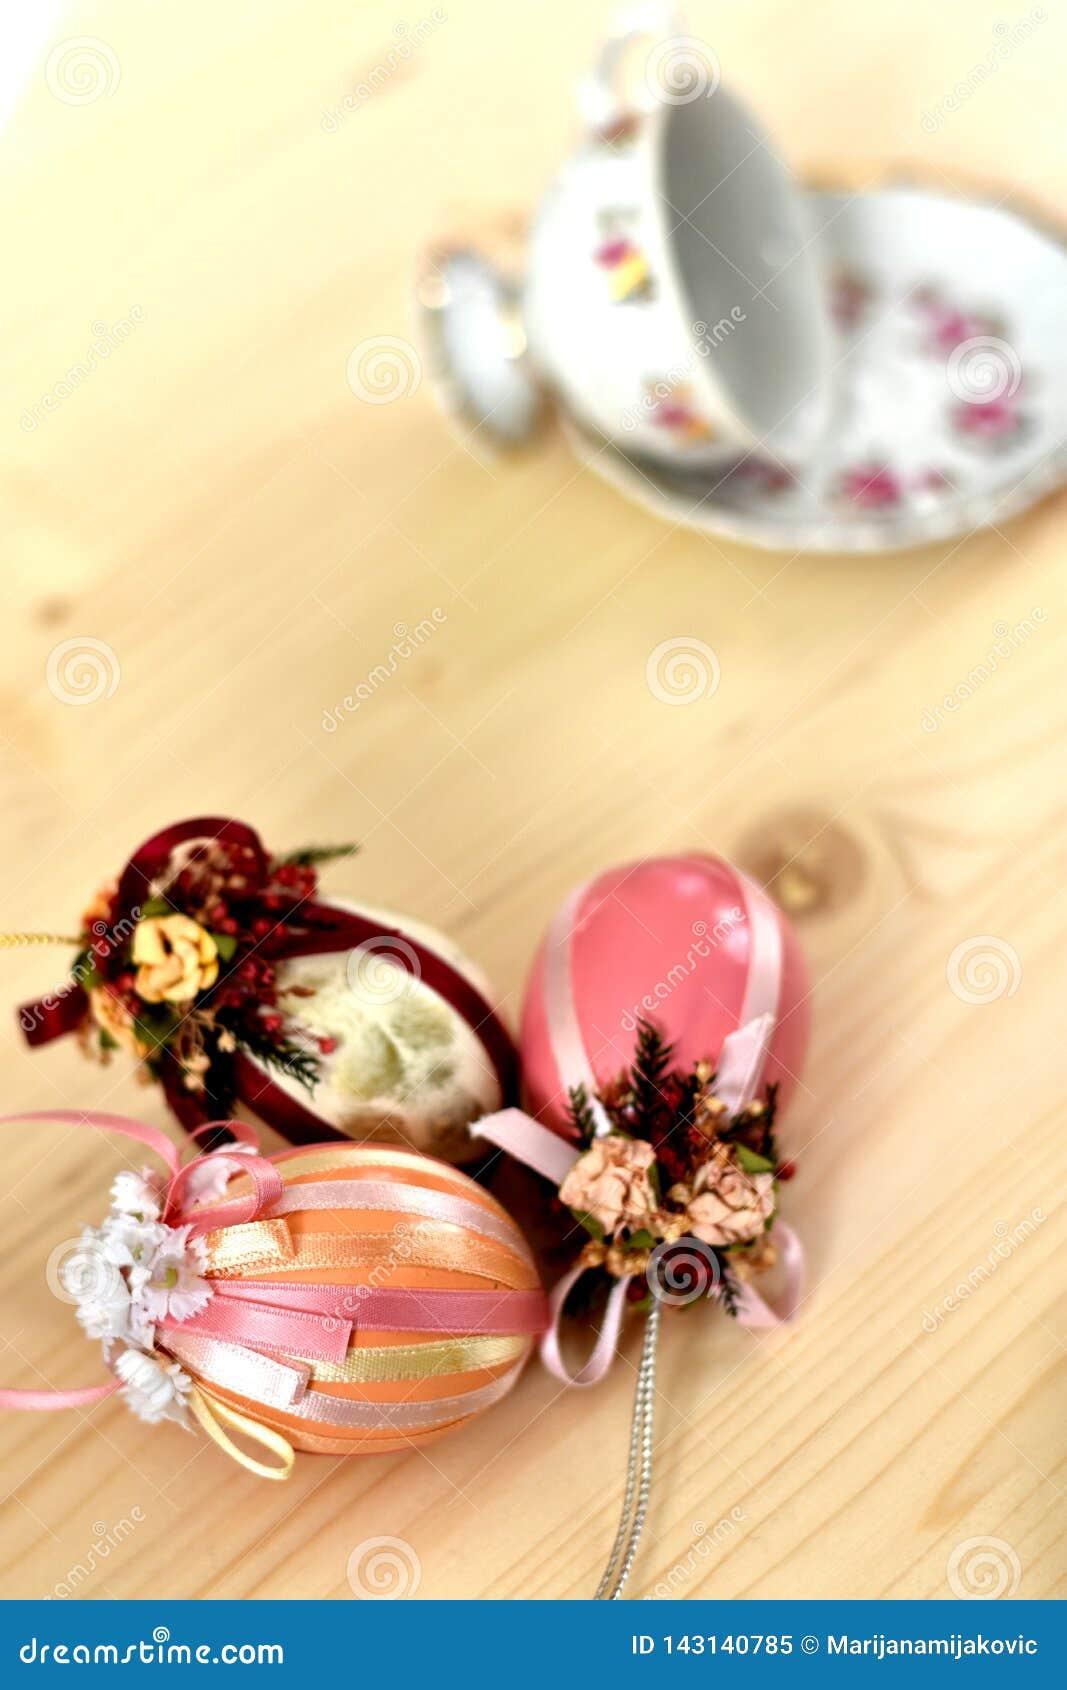 Винтажное украшение пасхи 3 сияющих розовых покрашенных пасхальных яя украшенных с лентами и винтажной чашкой и поддонником